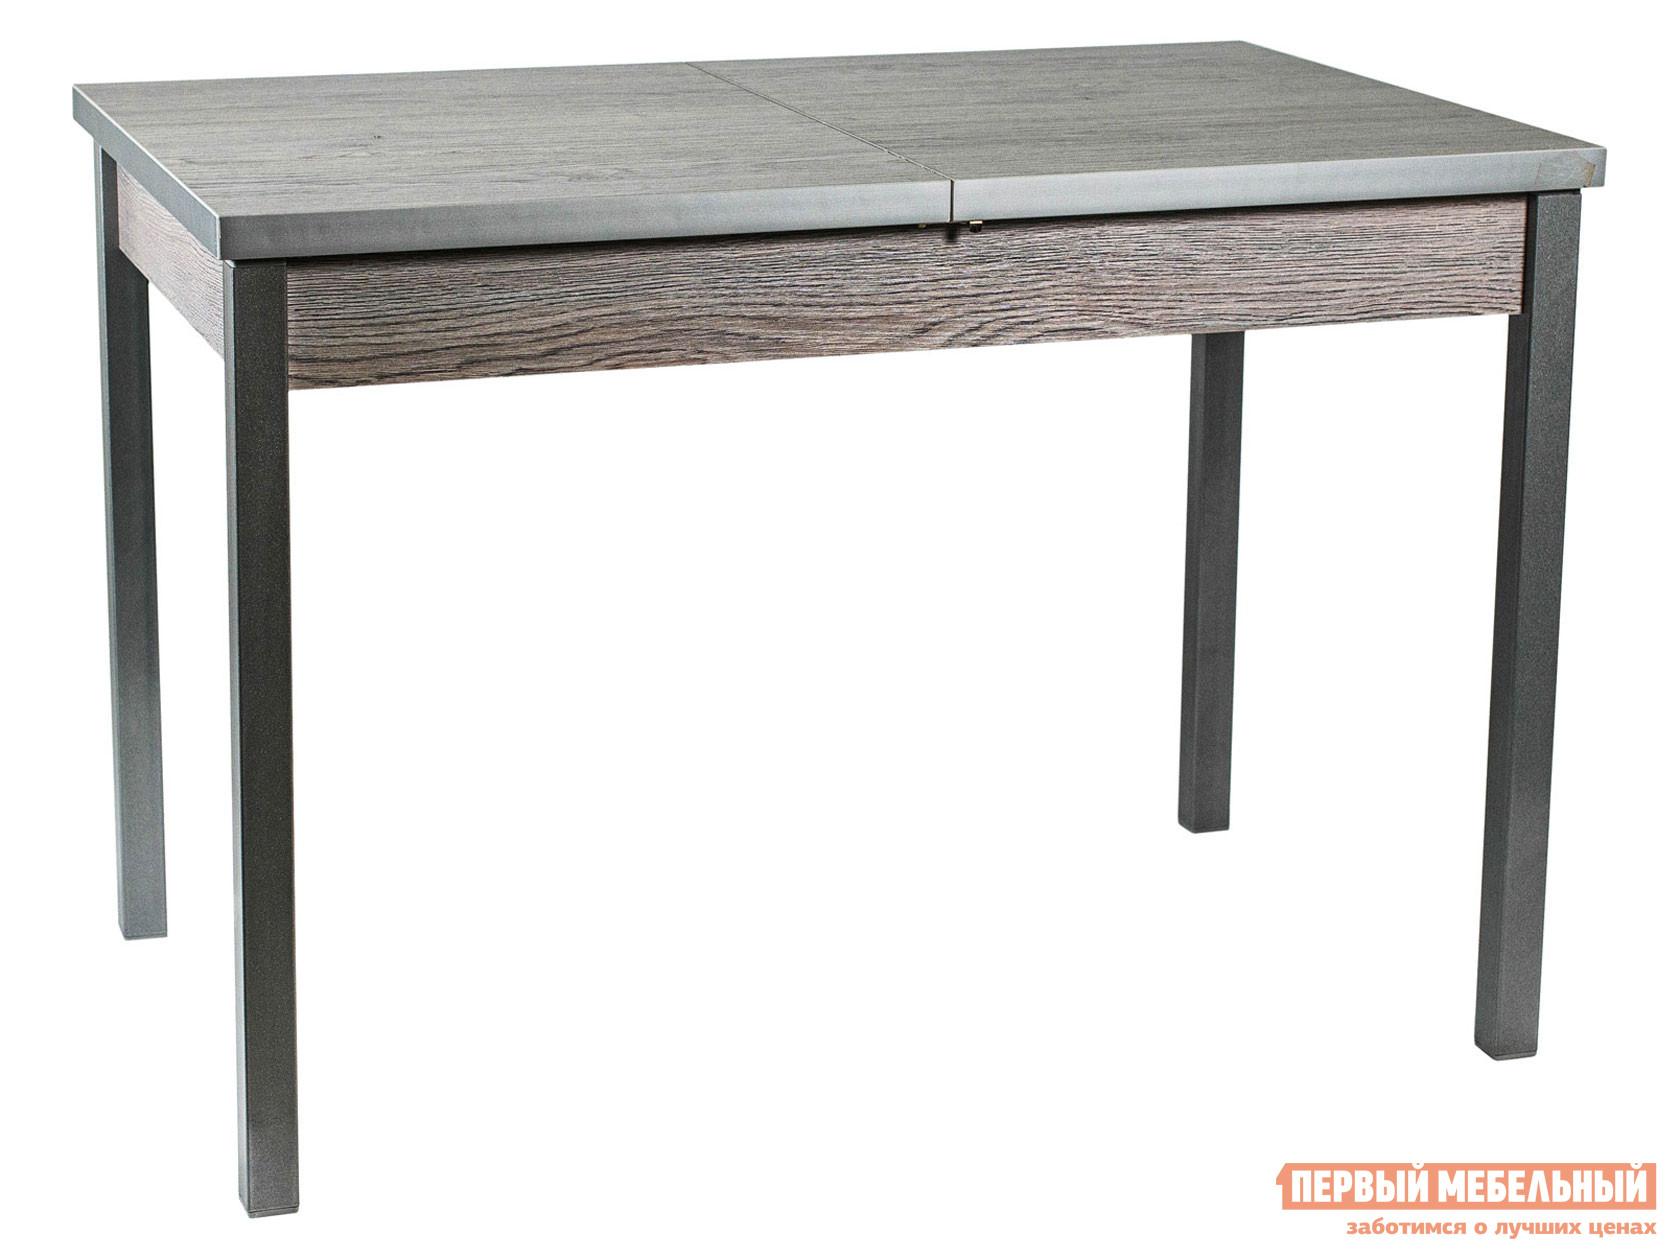 Кухонный стол Первый Мебельный Стол ДП1-01-06 раздвижной М65 Денвер